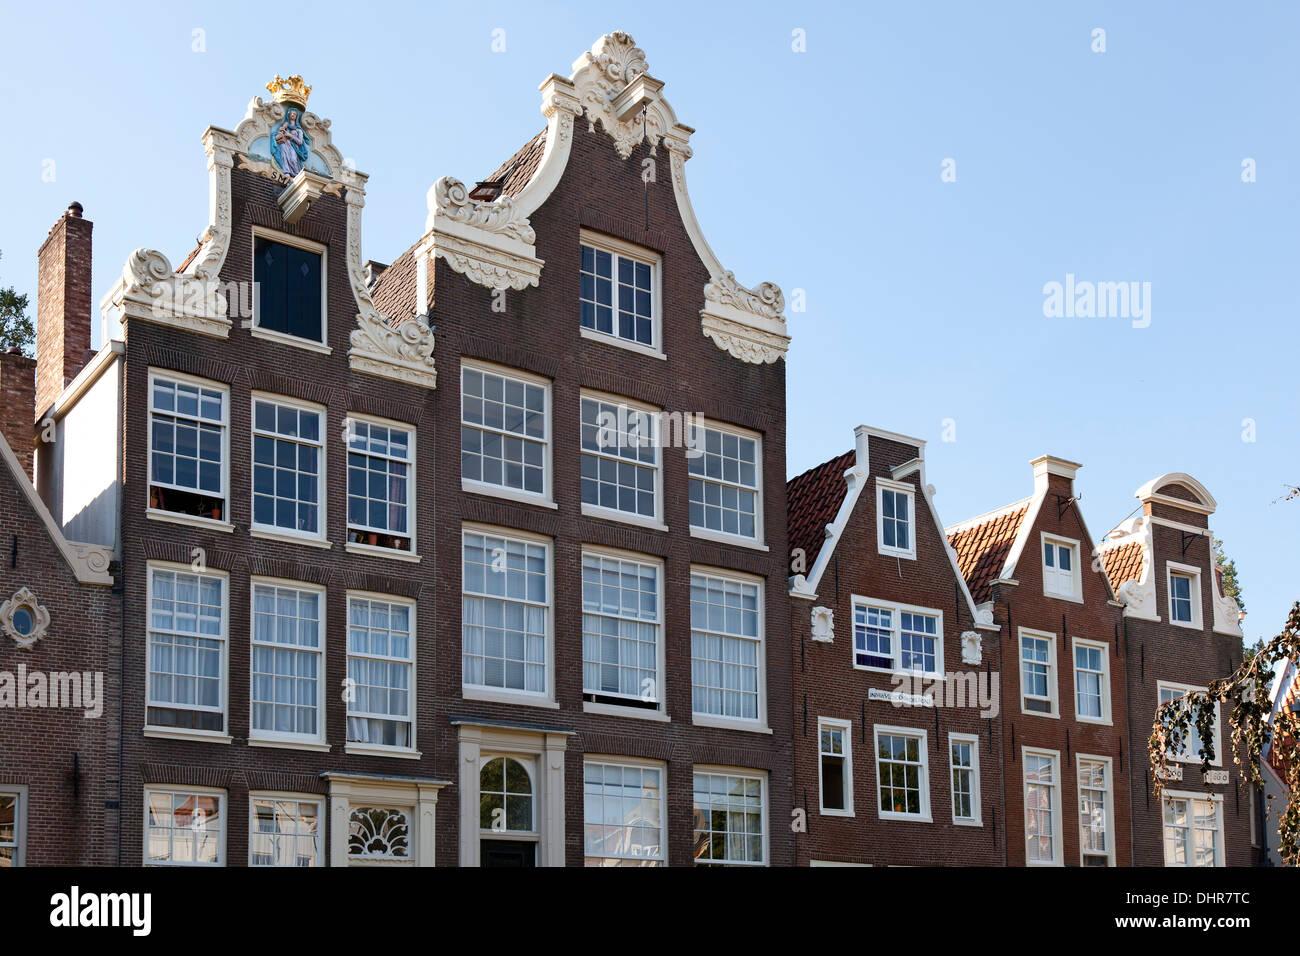 Rangée de maisons dans le Begijnhof à Amsterdam, Pays-Bas Photo Stock